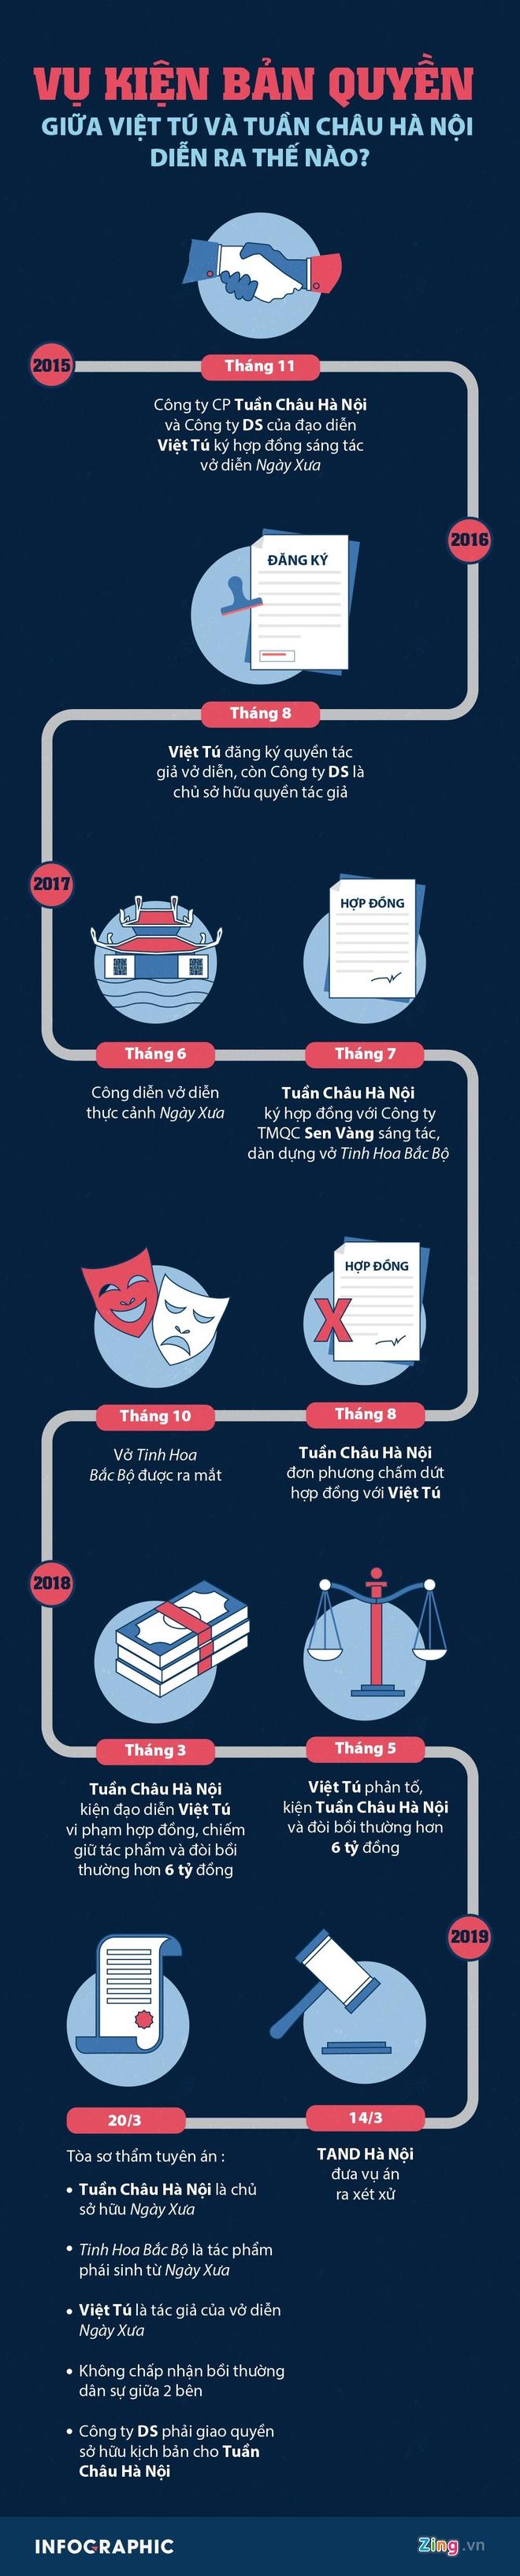 Tuan Chau Ha Noi khang cao vu kien voi dao dien Viet Tu hinh anh 4